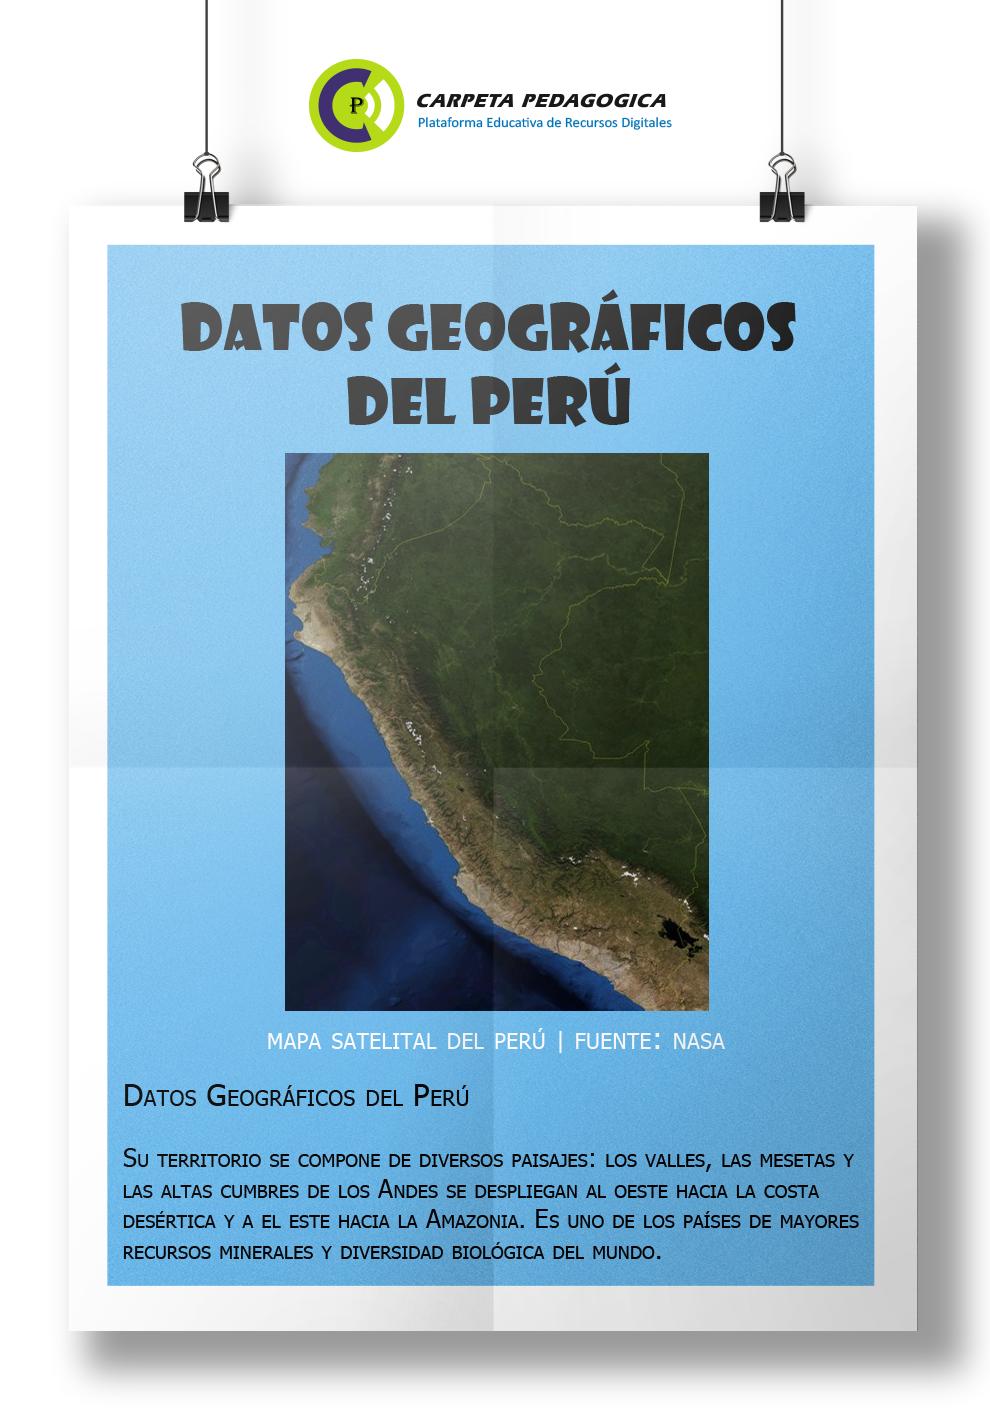 Datos Geográficos del Perú